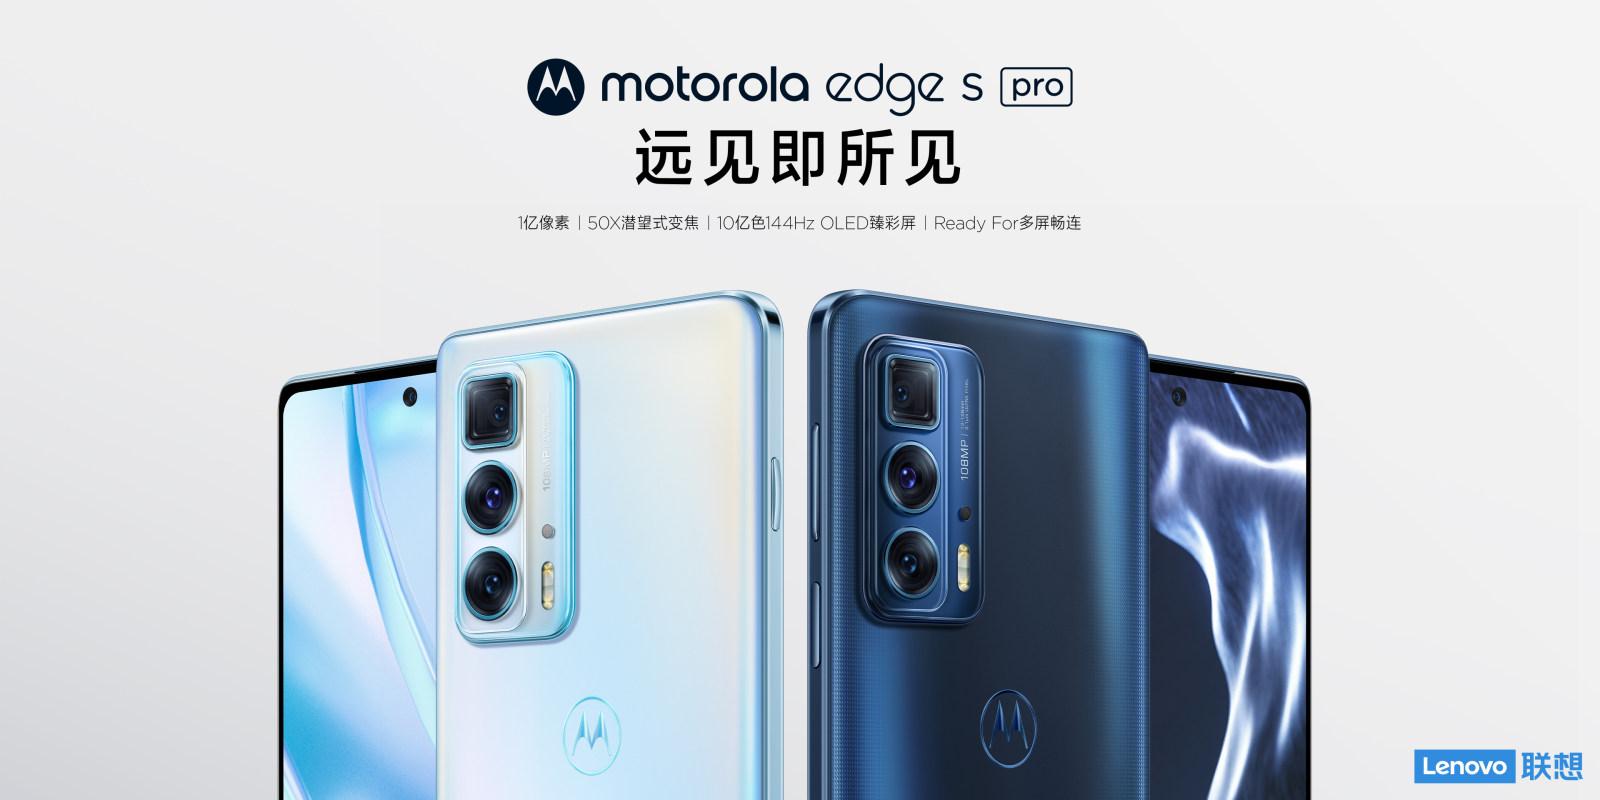 2399元起,摩托罗拉公布edge s pro与edge轻奢版两款手机